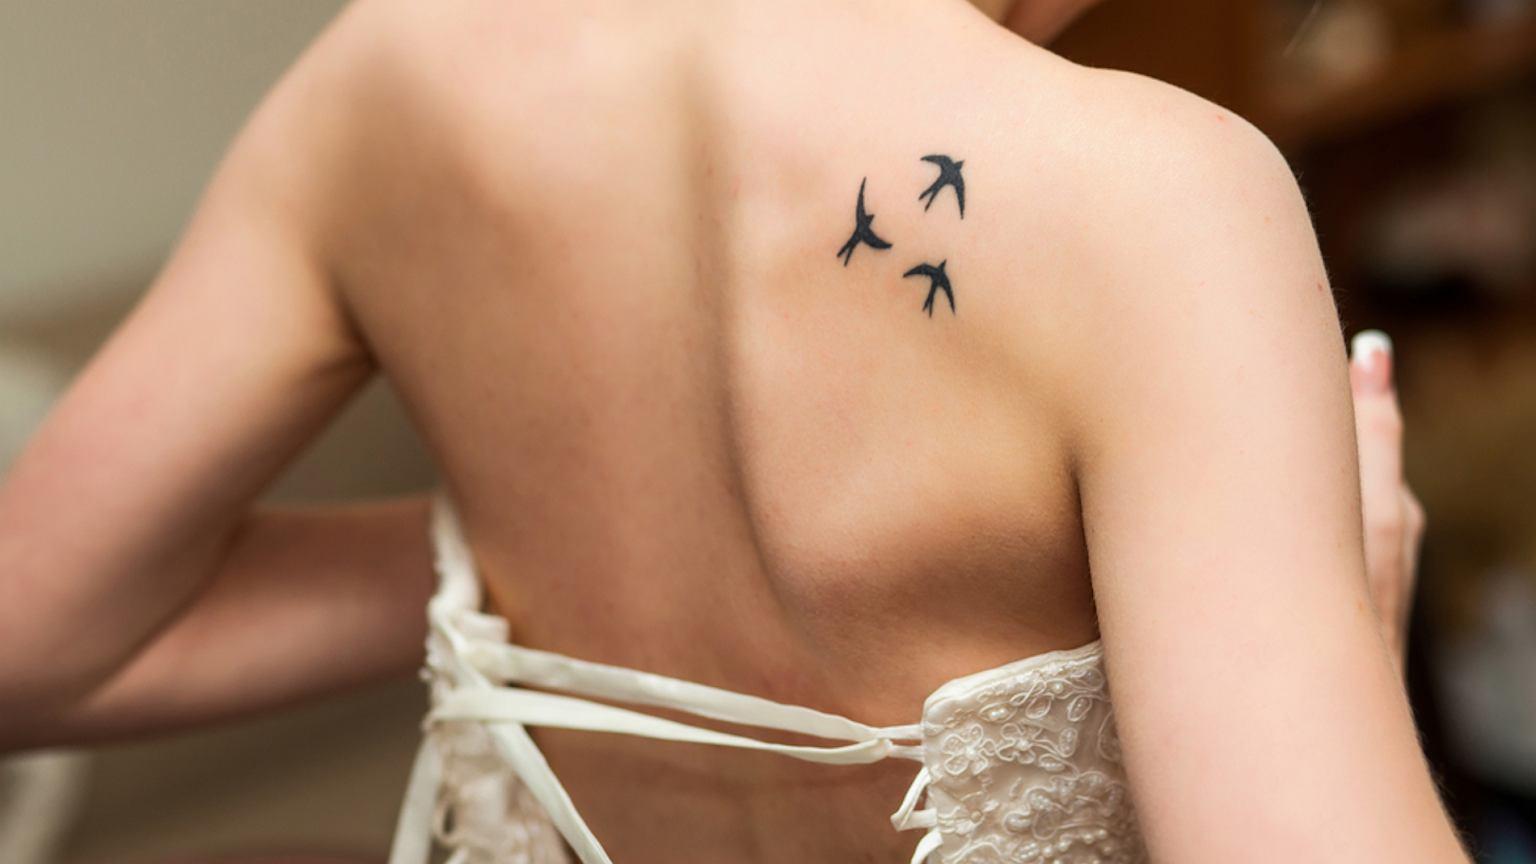 Tatuaż Jak Się Robi Wzory Usuwanie Tatuażu